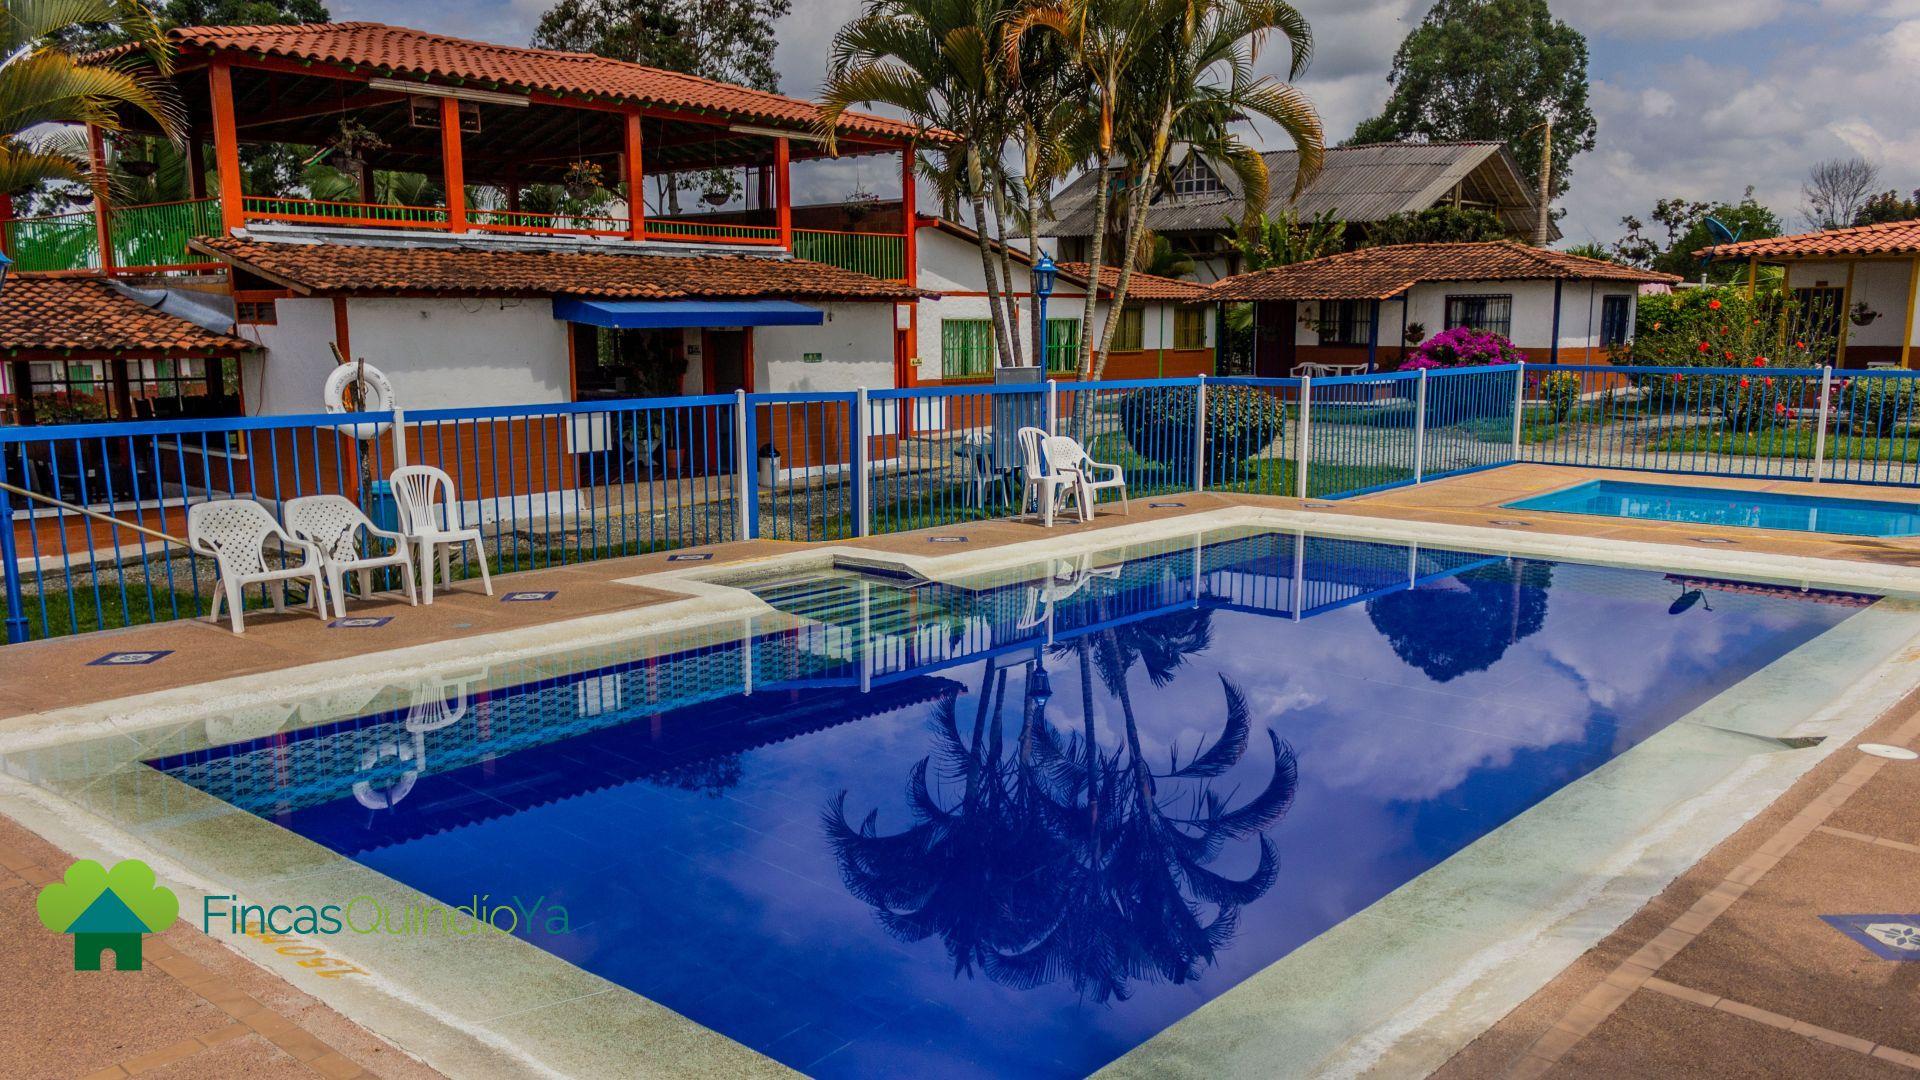 Lugar donde se muestra una piscina cuadrada